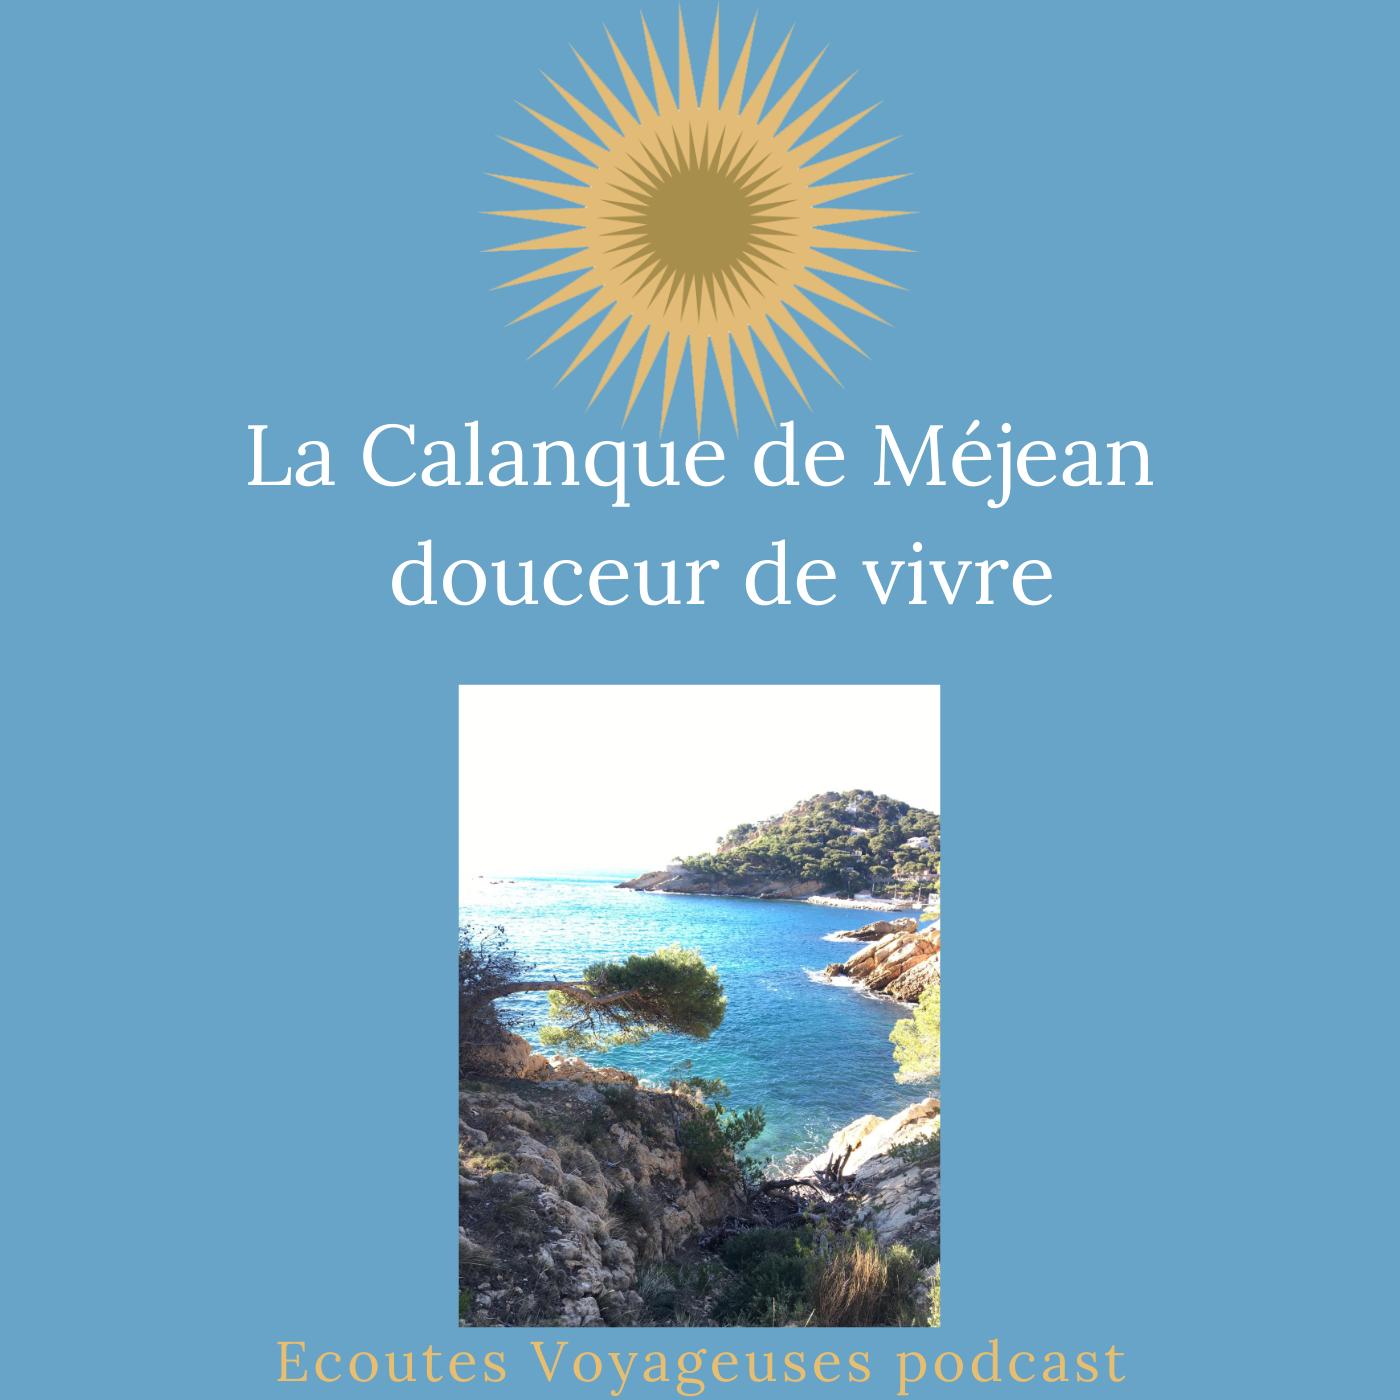 douceur de vivre à la Calanque de Méjean